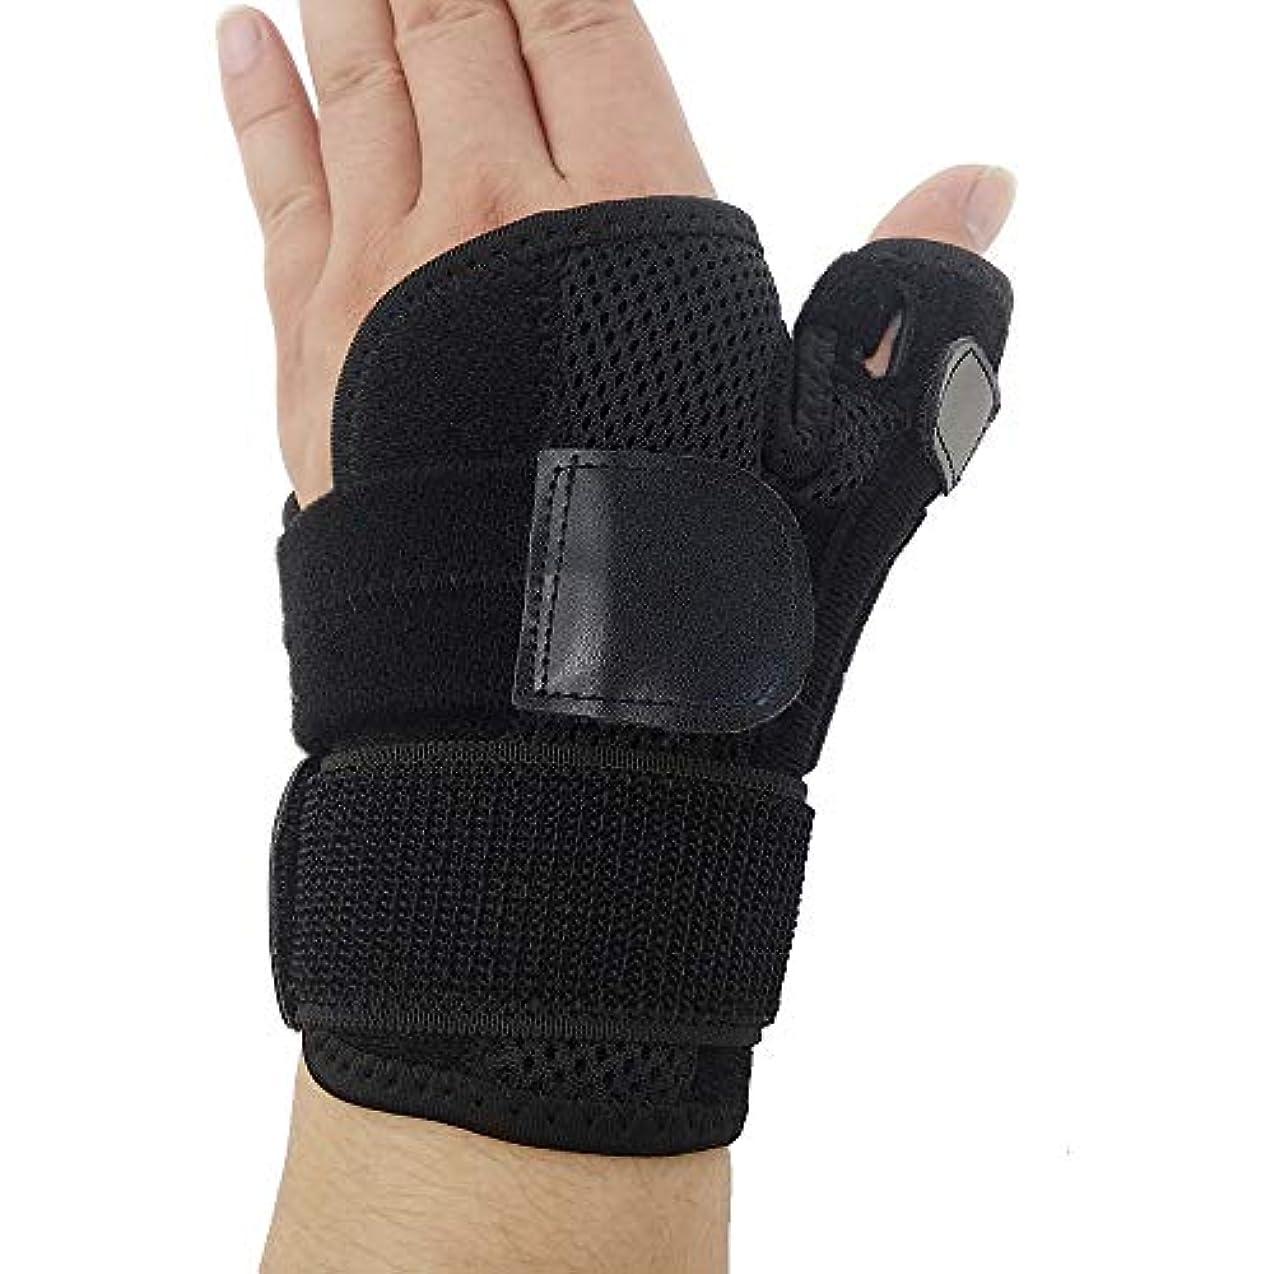 申し込む労働者供給ZYL-YL ブレーサー親指脊椎骨折母の手の固定具手首Heelingsスチールバーのサポートハンドスプリント (Edition : Left)